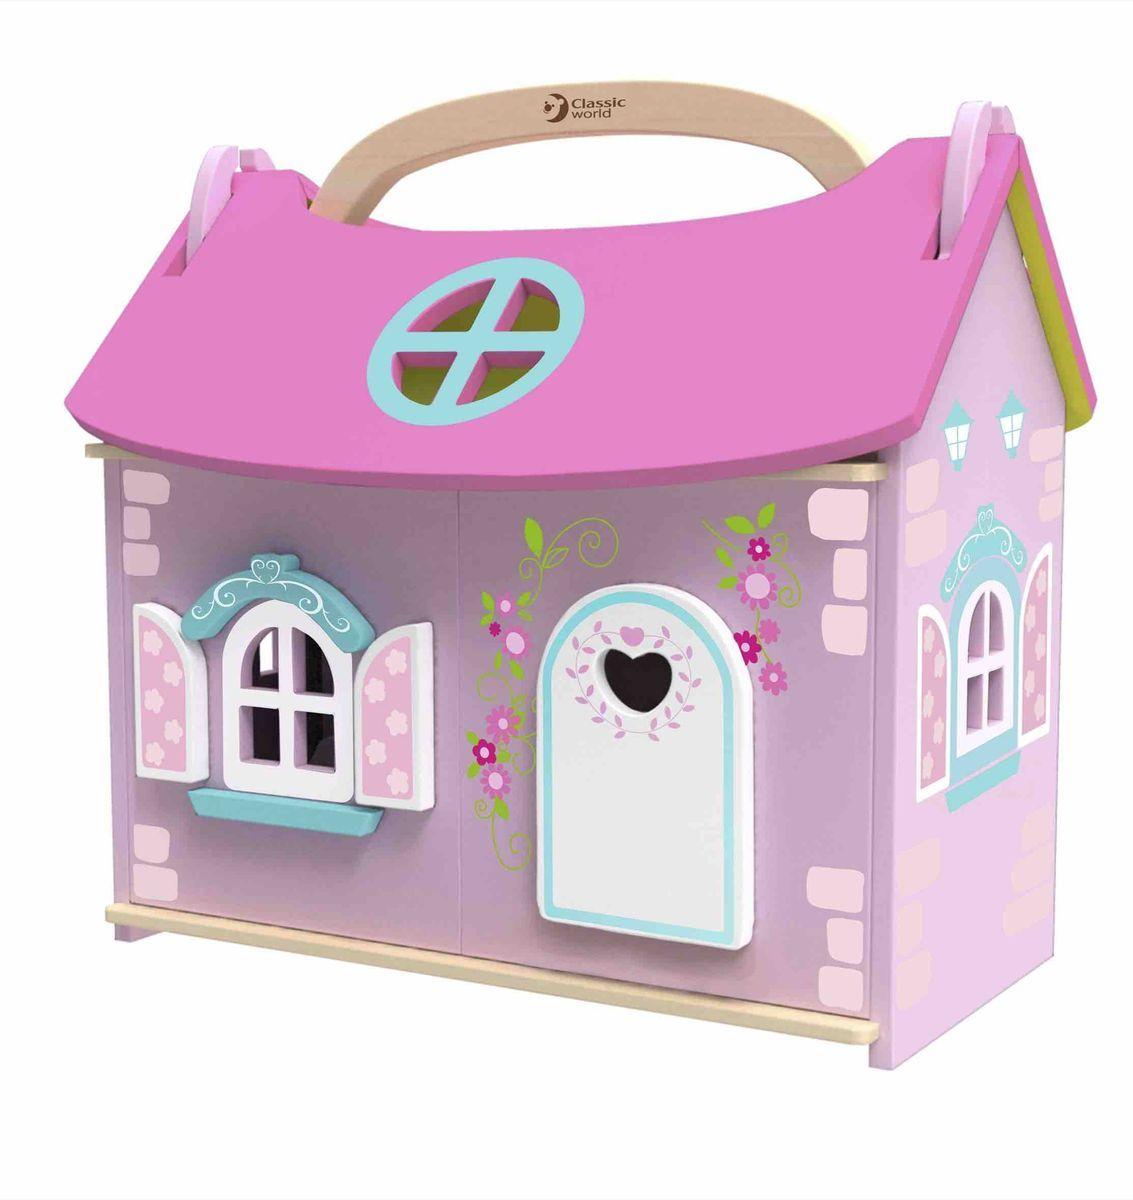 Classic World Домик-чемодан с мебелью и куклой Домик маленькой принцессы4156Сказочный мир ожидает вашу маленькую принцессу! Удобный переносной домик с ручкой с хозяйкой-принцессой, полностью обставлен стильной мебелью. В комплекте: домик с ручкой, крыша съёмная. Куколка и 10 предметов мебели (шкаф, кровать, 2 тумбочки и лампа, кресло, стол и стул, зеркало с раковиной и ванна). Ребёнок сможет придумать удивительные истории о жизни маленькой хозяйки особняка, что прекрасно способствует развитию творческого мышления. Сюжетно-ролевые игры великолепно развивают коммуникативные навыки ребёнка, а в процессе игры ребёнок сможет пополнить свой словарный запас. Игрушка выполнена из высококачественных материалов, а значит вы будете уверены в безопасности вашего ребёнка.